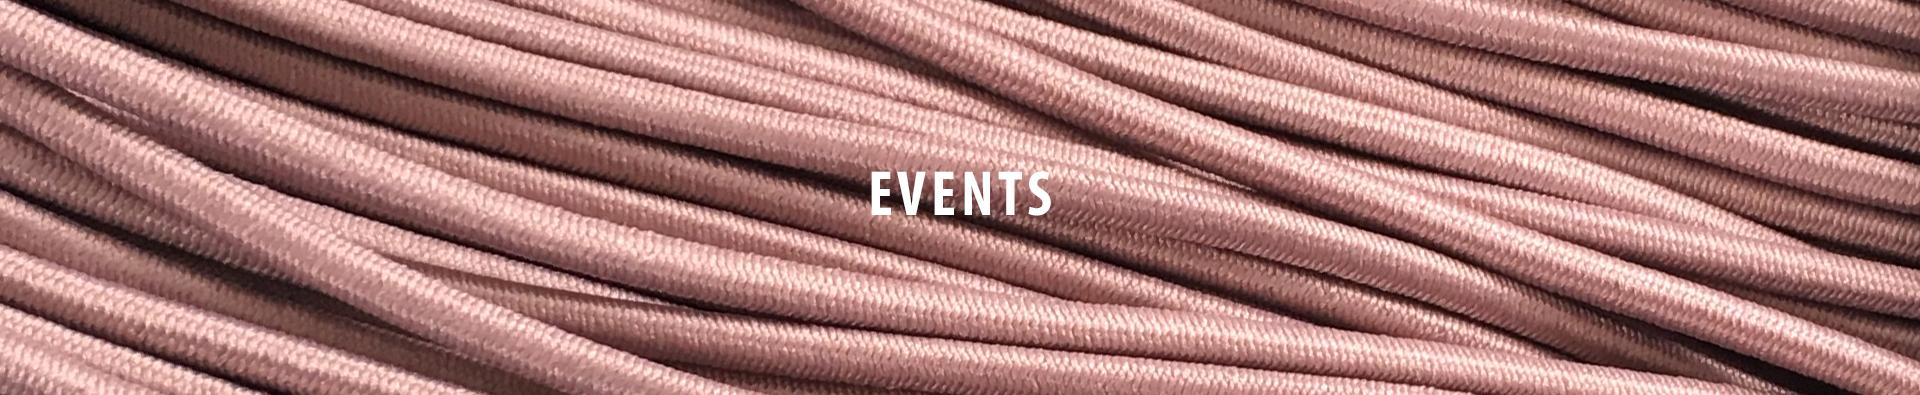 burggrafburggraf-banner-events